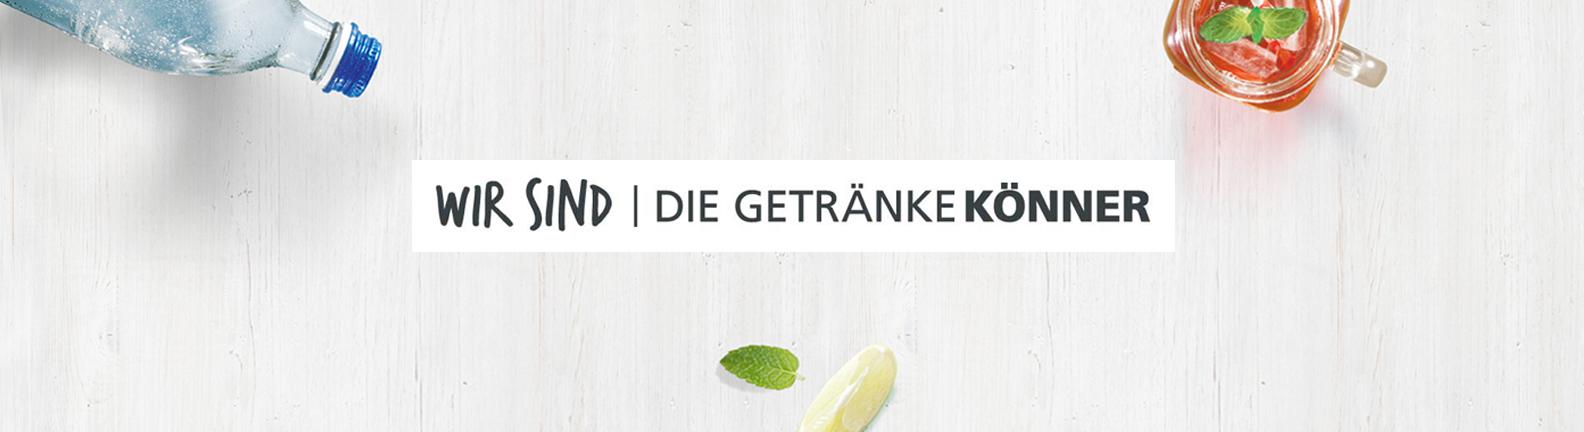 Banner_Getraenkekoenner2